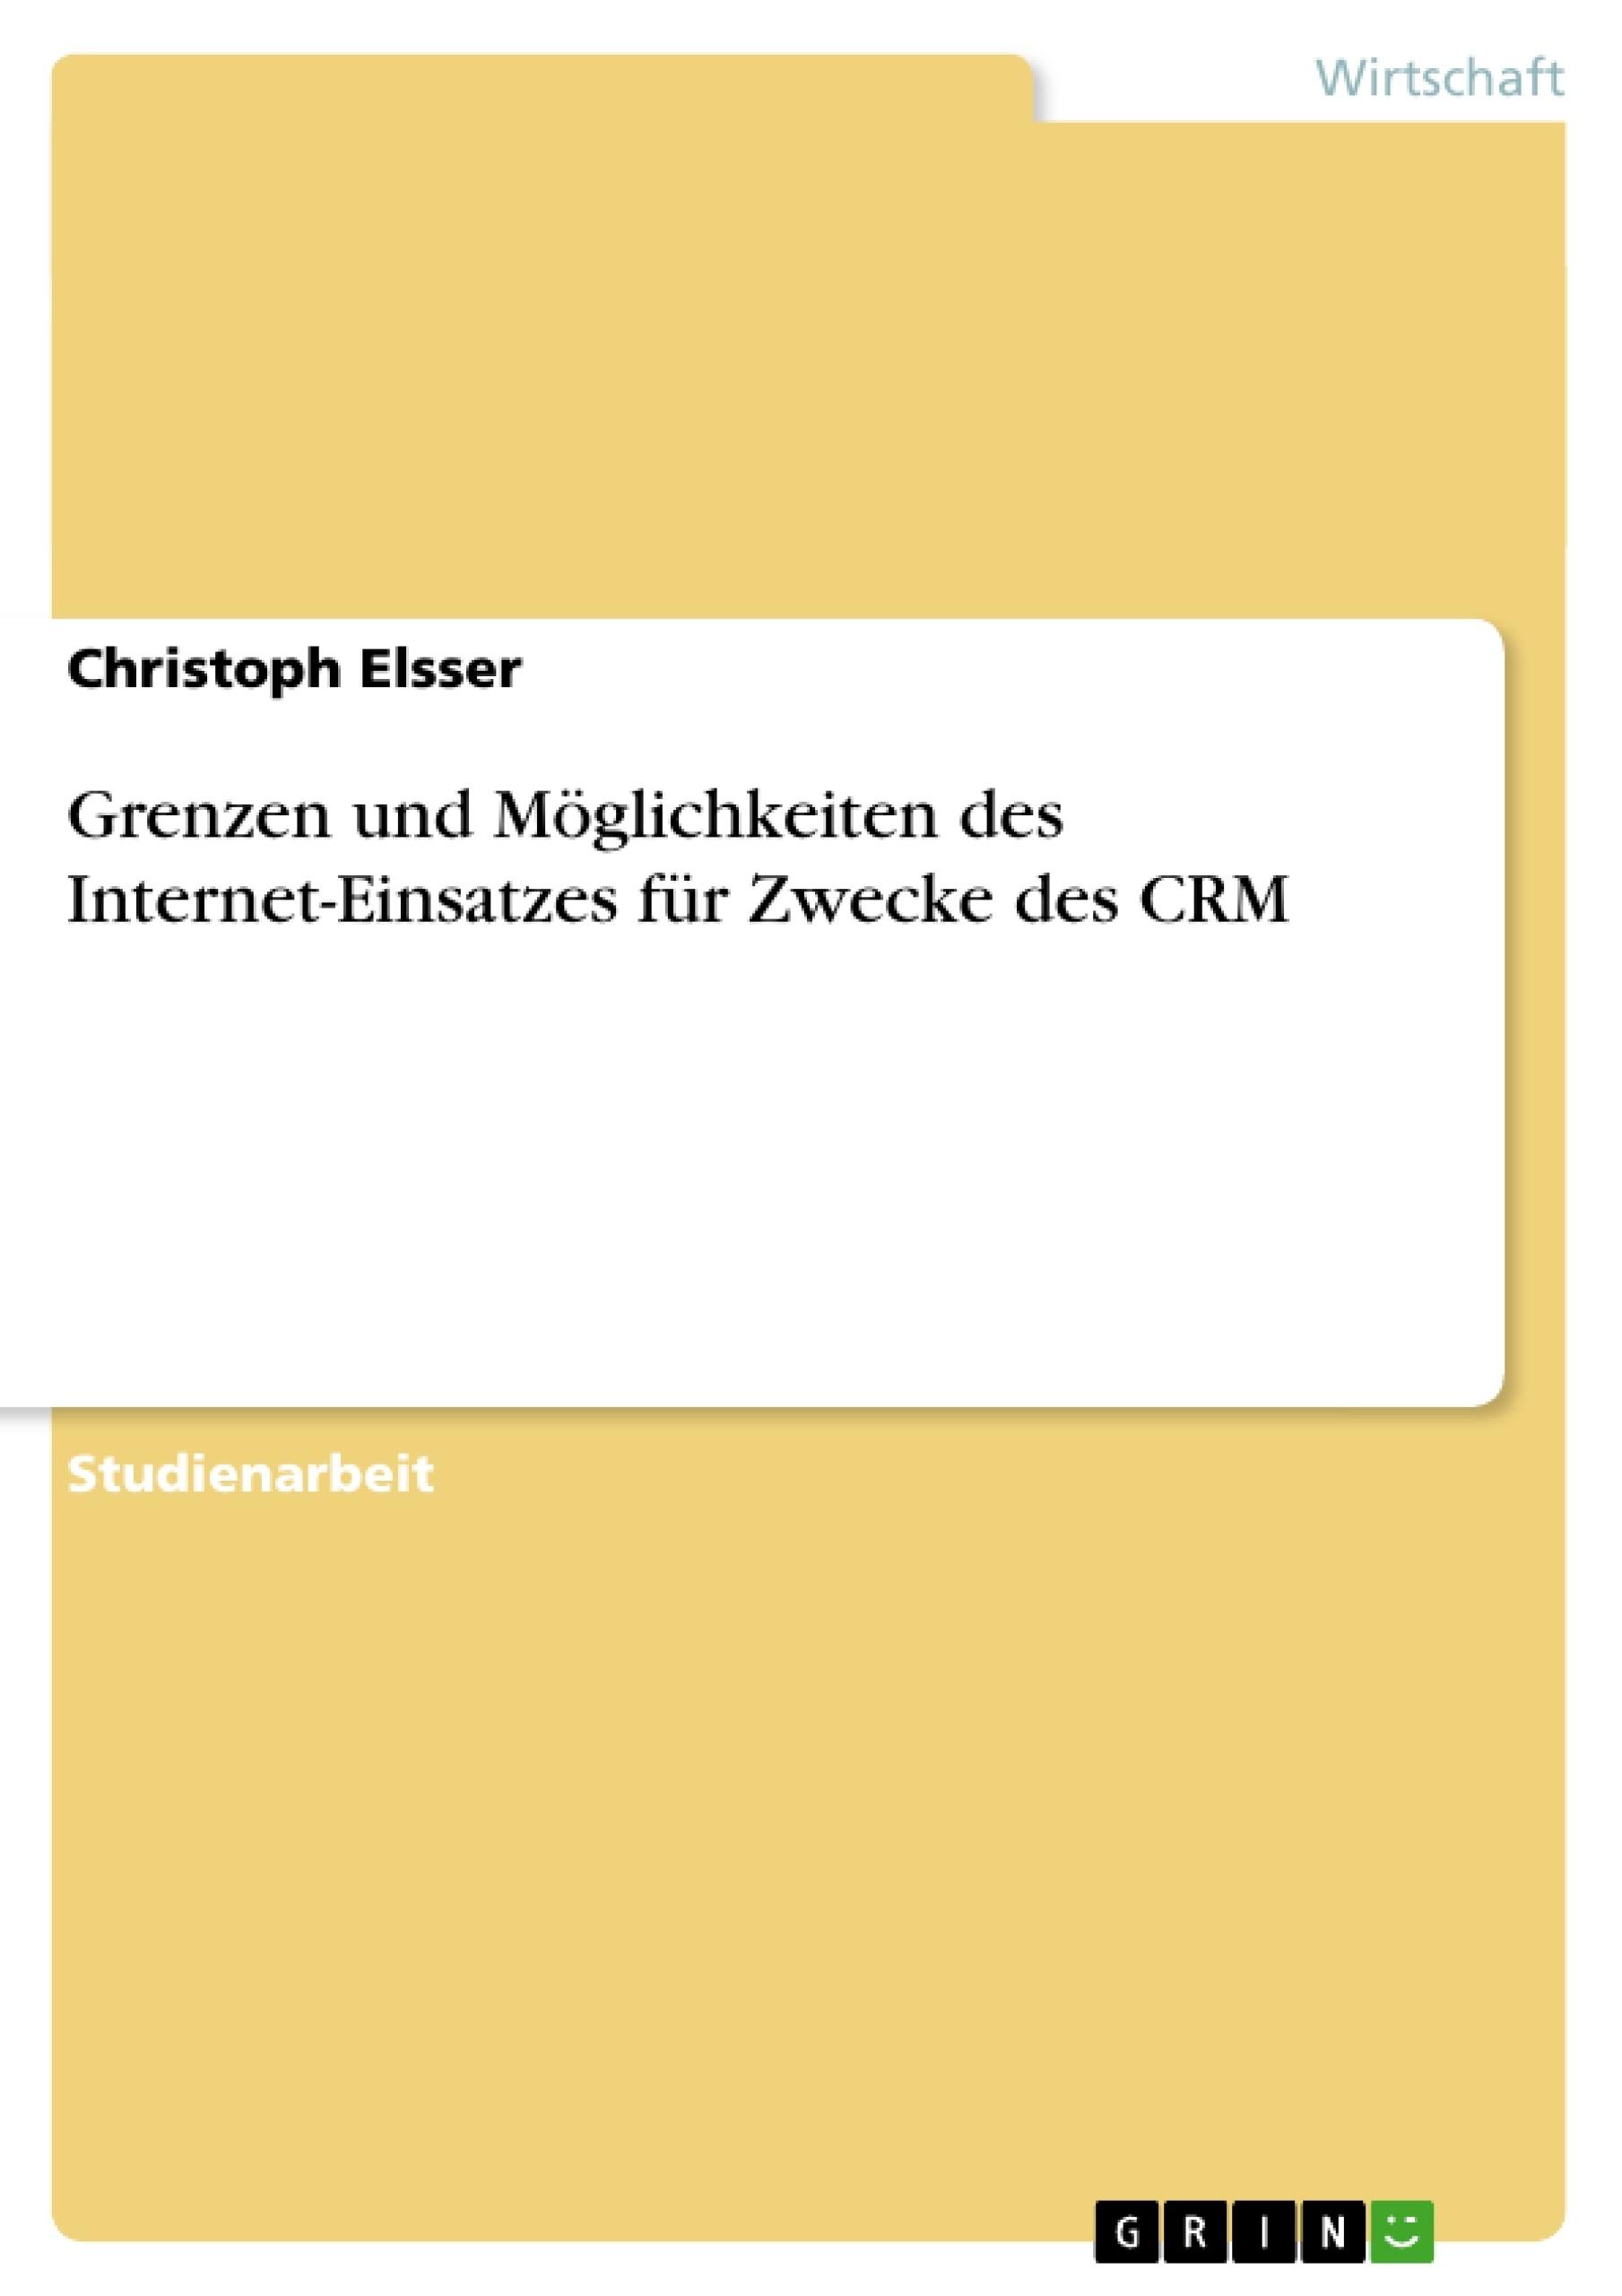 Titel: Grenzen und Möglichkeiten des Internet-Einsatzes für Zwecke des CRM